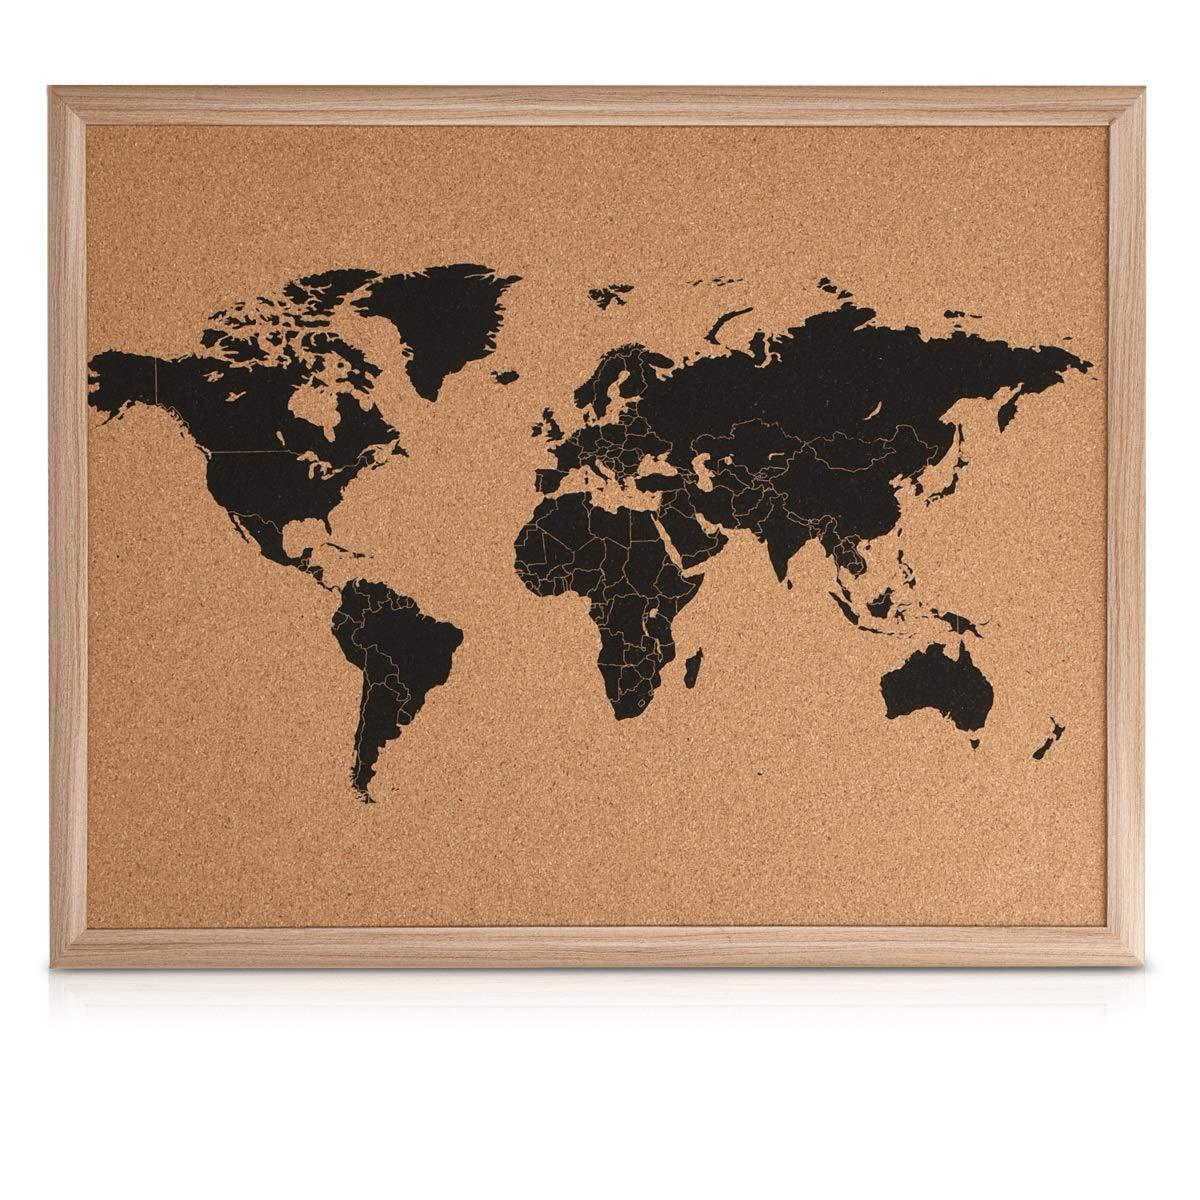 Navaris tablero de corcho con marco - Pizarra de mapa mundial - Tablero de notas de mapamundi 50x40 - Con 10 chinchetas y kit de montaje